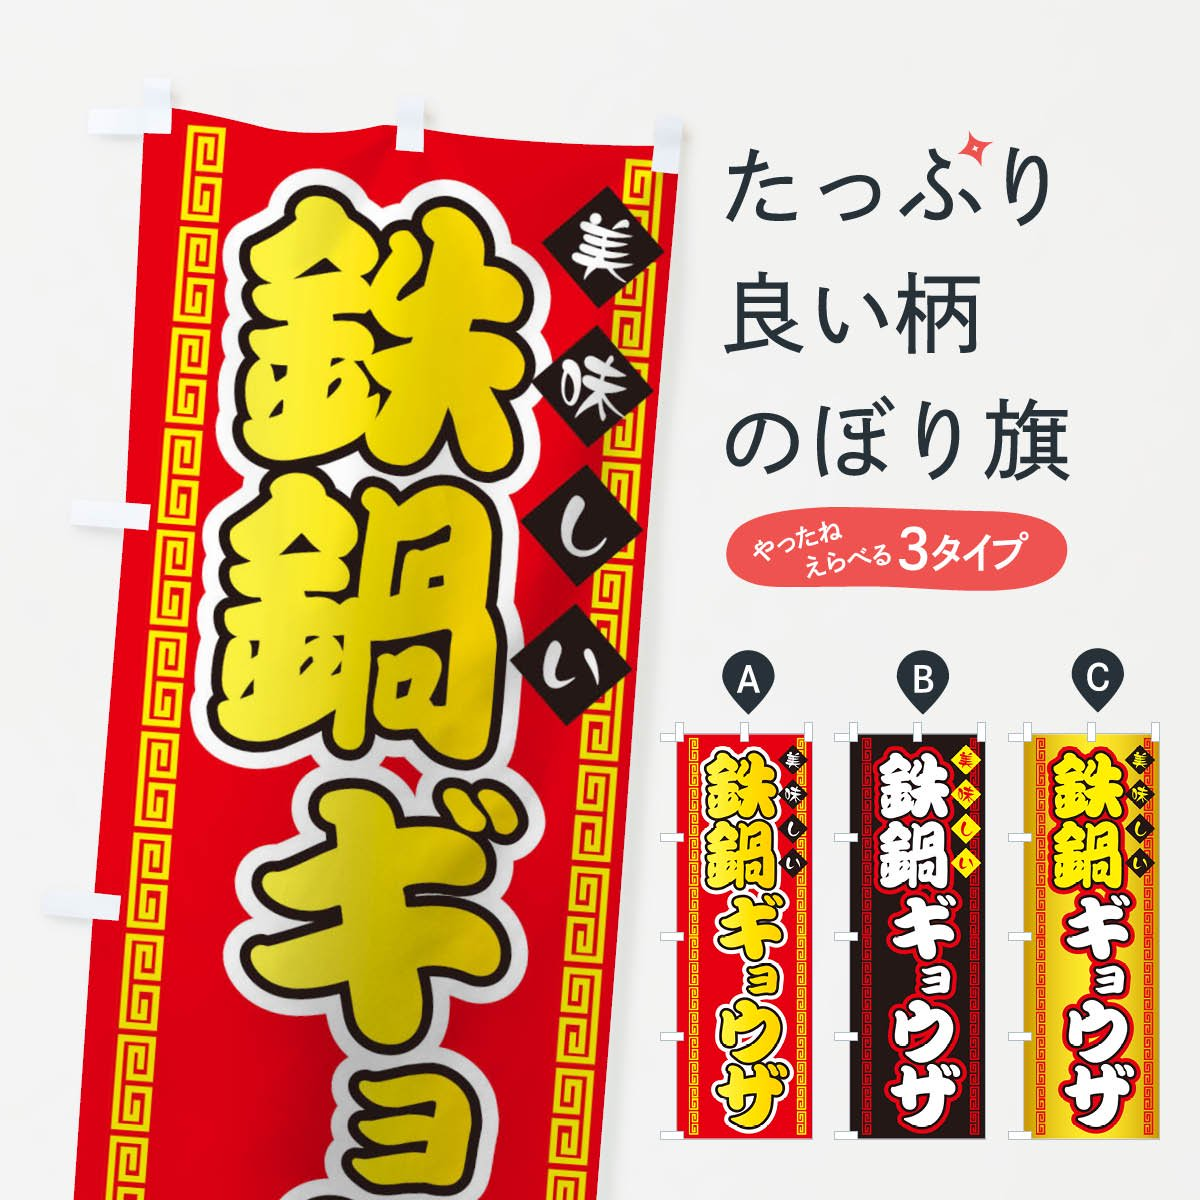 鉄鍋ギョウザのぼり旗【博多名物】[鉄鍋餃子]